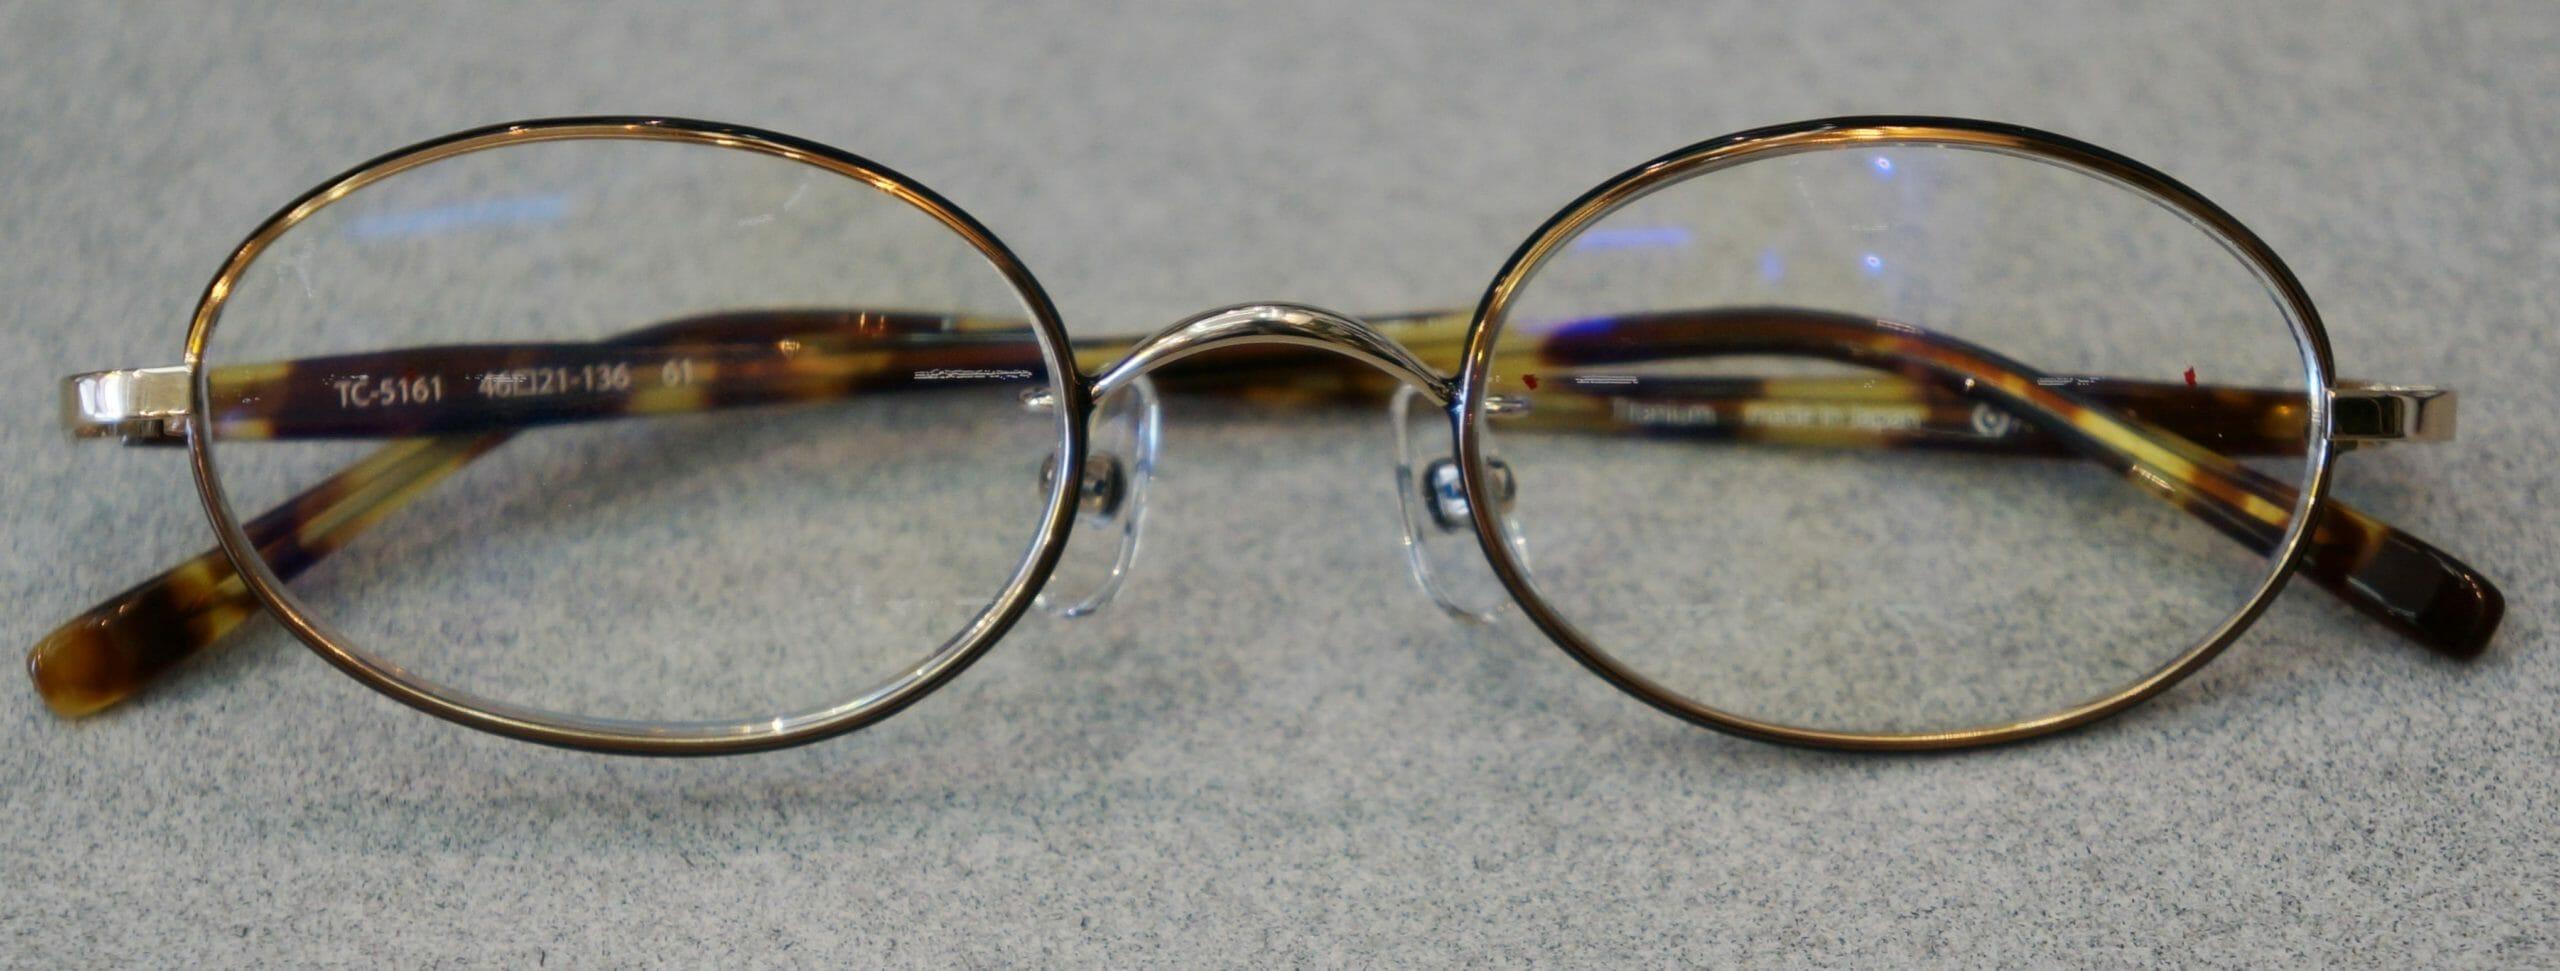 完成眼鏡概略